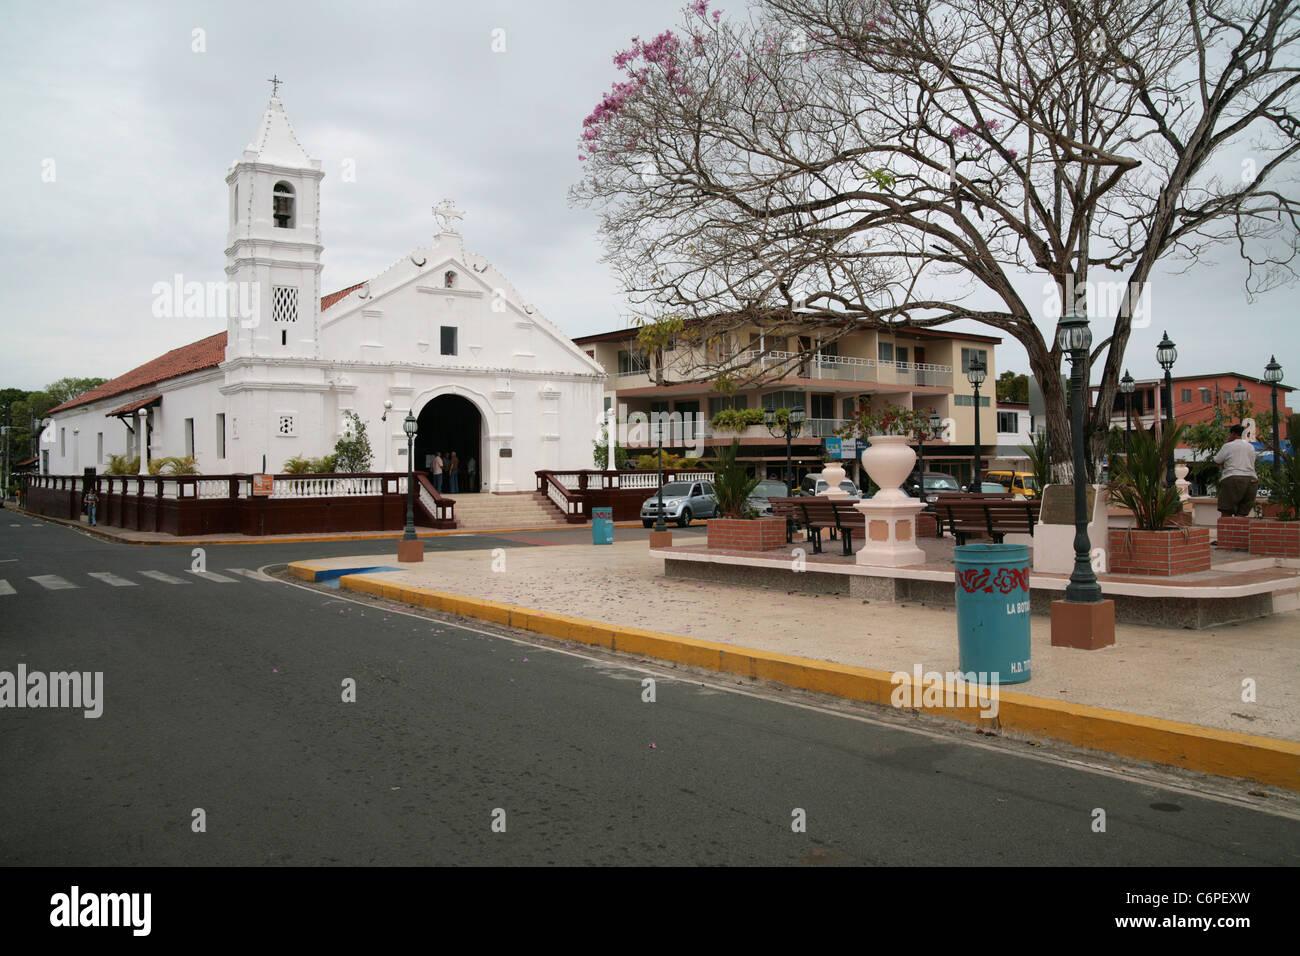 Las Tablas Los Santos Panama Main Plaza And Santa Librada Church Stock Photo Alamy